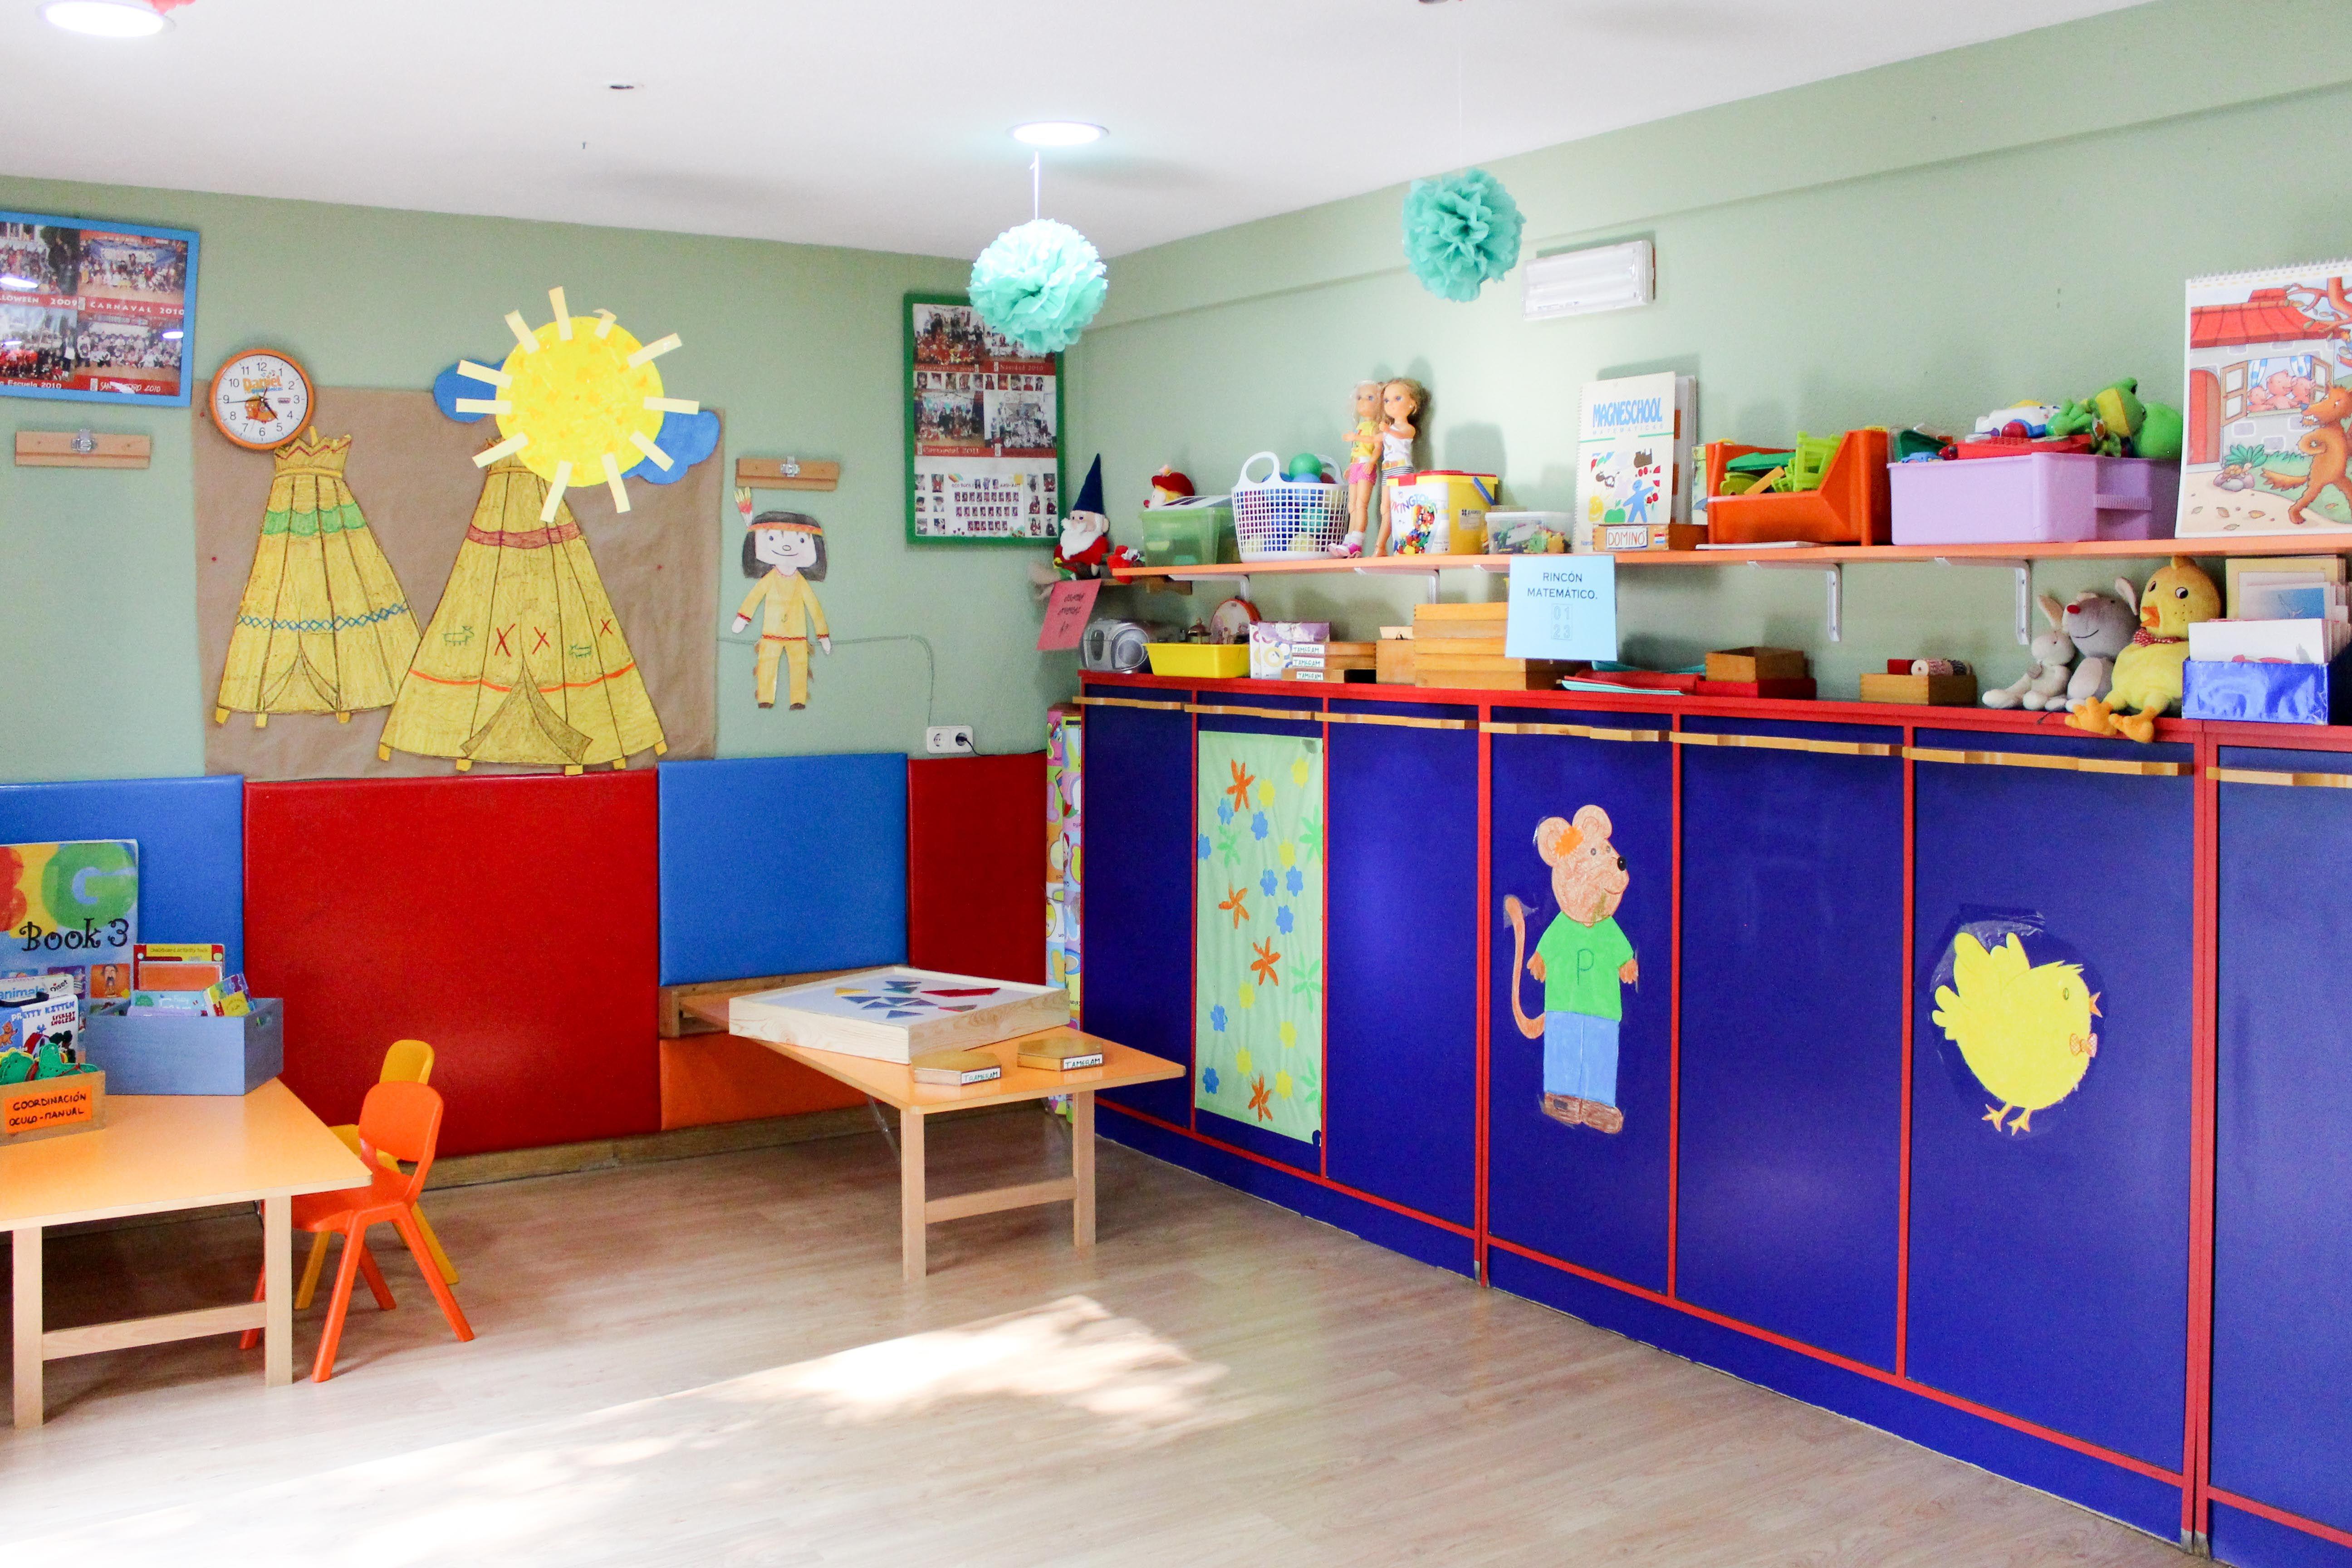 Foto 12 de Escuela infantil dedicada a la primera infancia de 0 a 3 años en Madrid | Escuela Infantil Osobuco